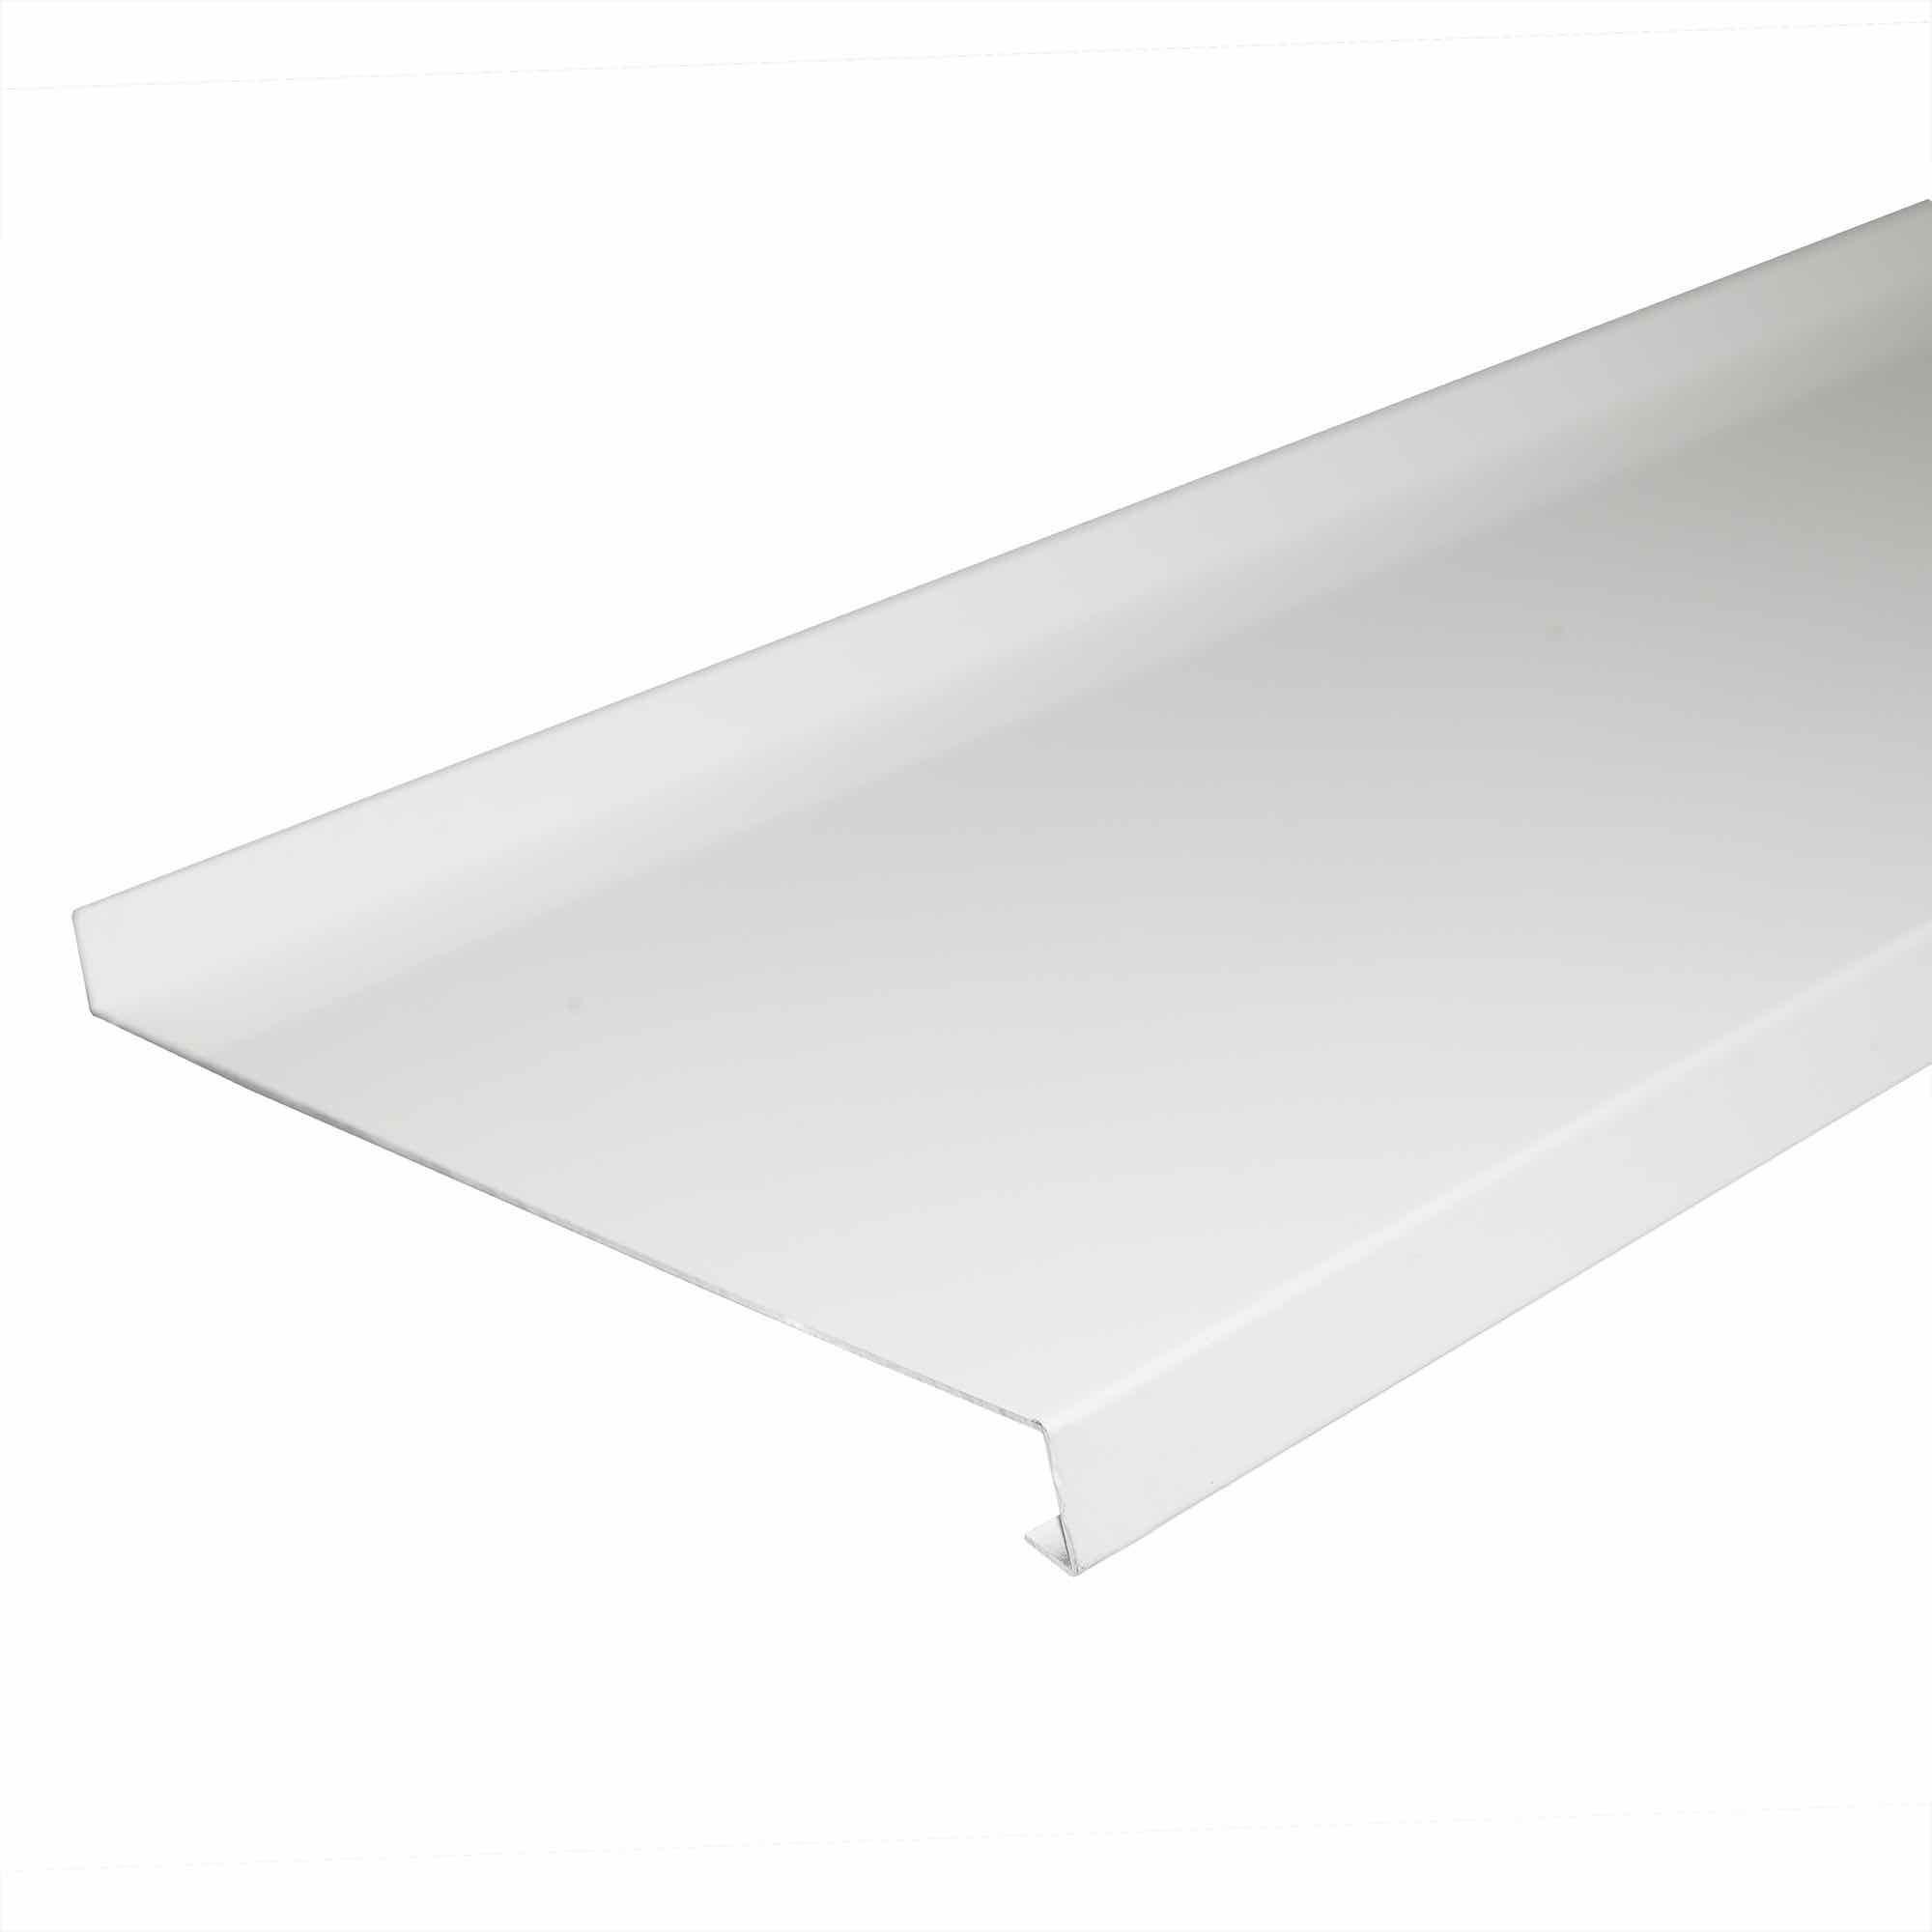 Glaf aluminiu alb 3000 x 200 x 1 mm